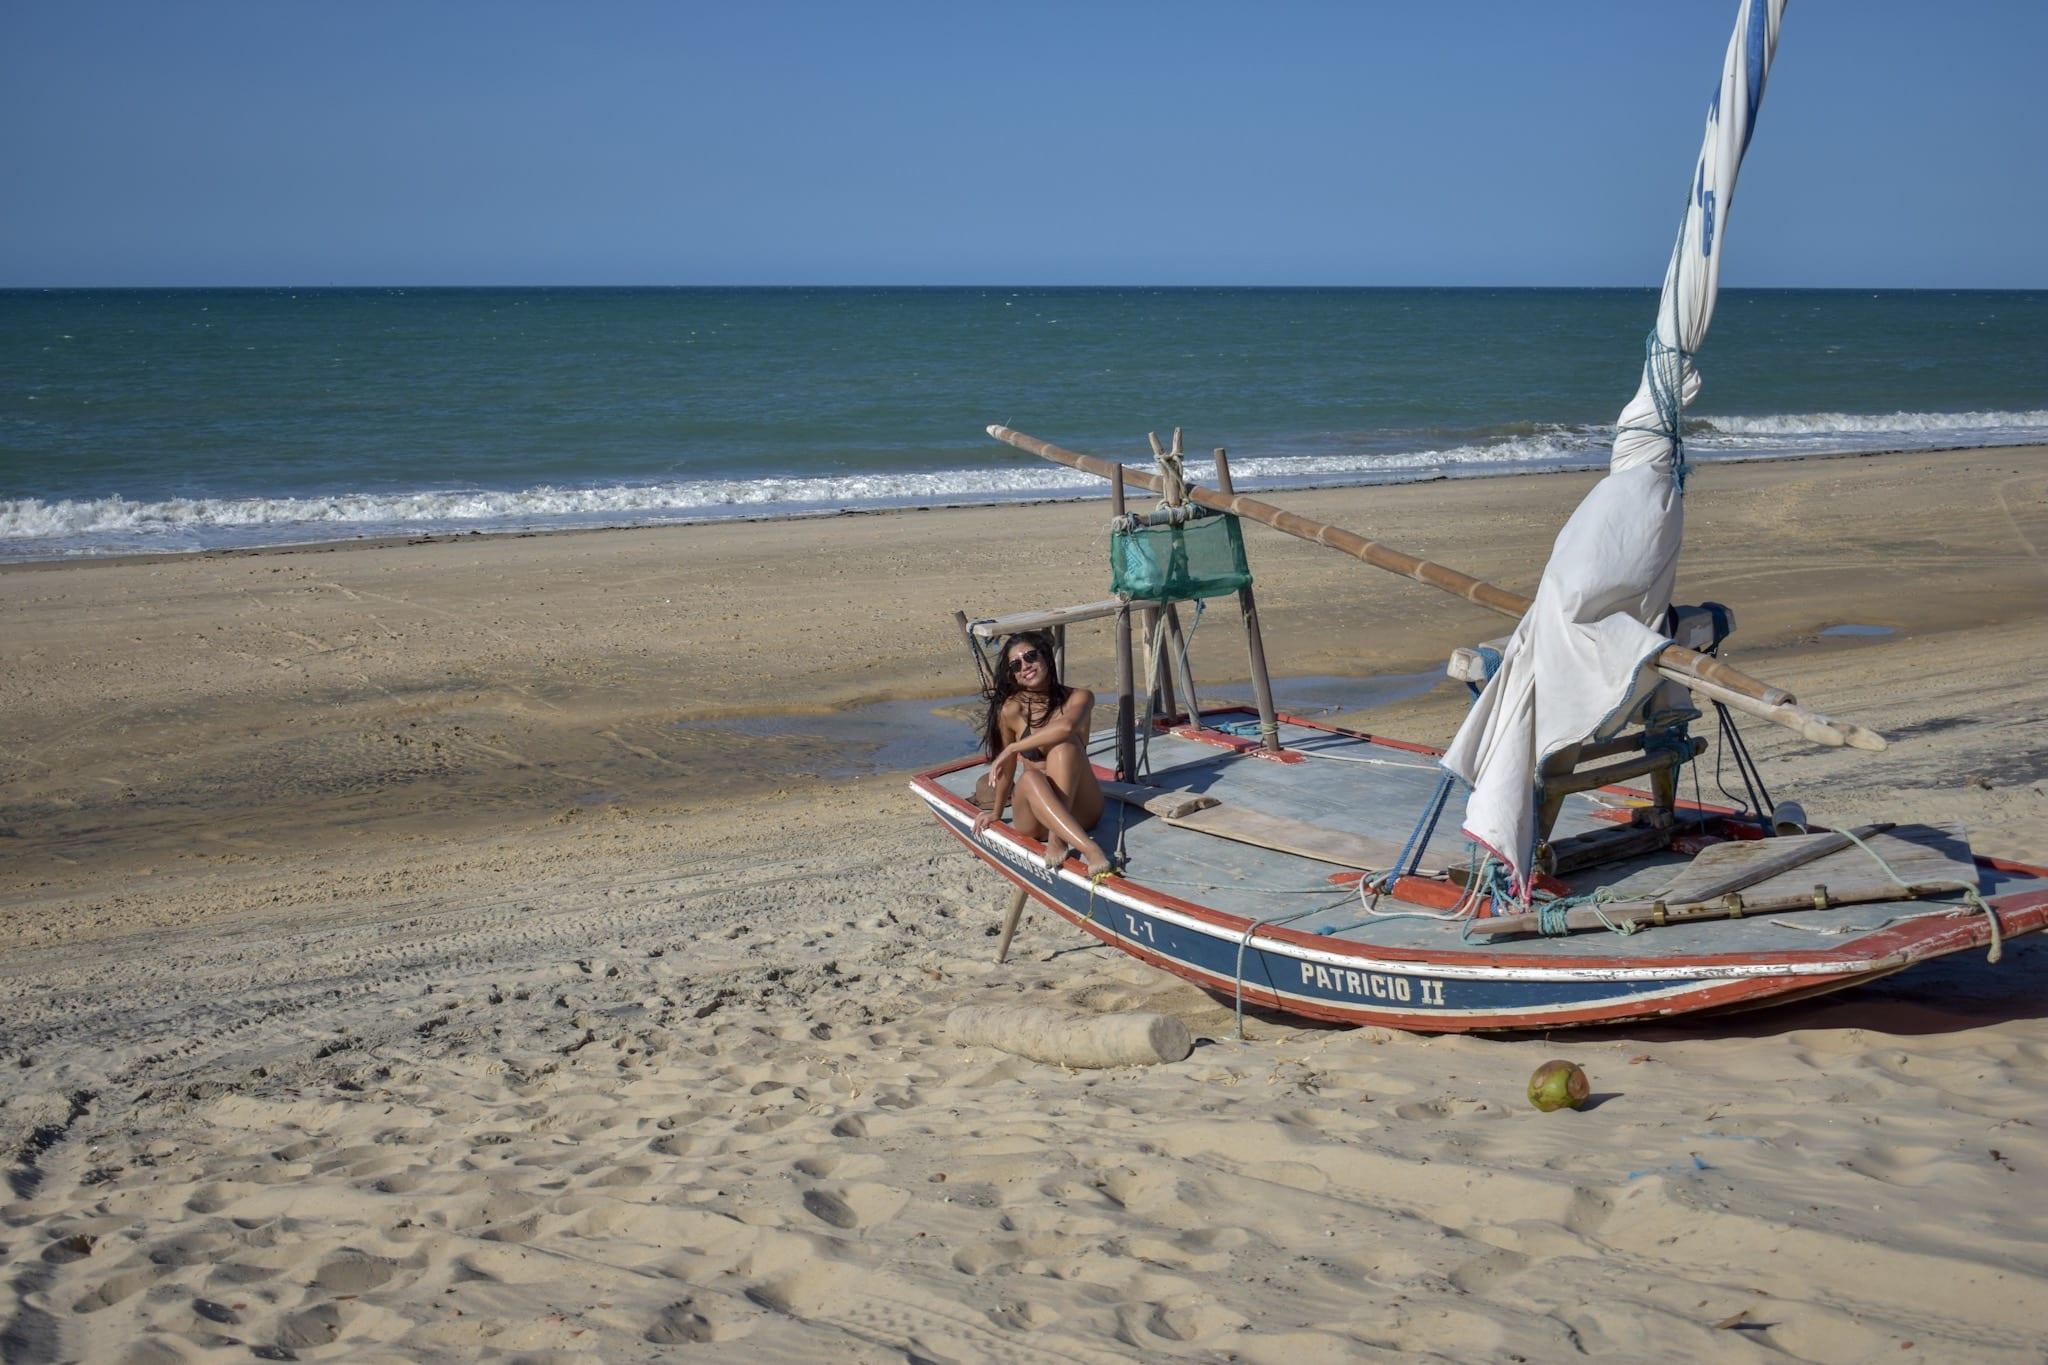 Uma das paradas do passeio de buggy na Praia do Cumbuco - Fortaleza